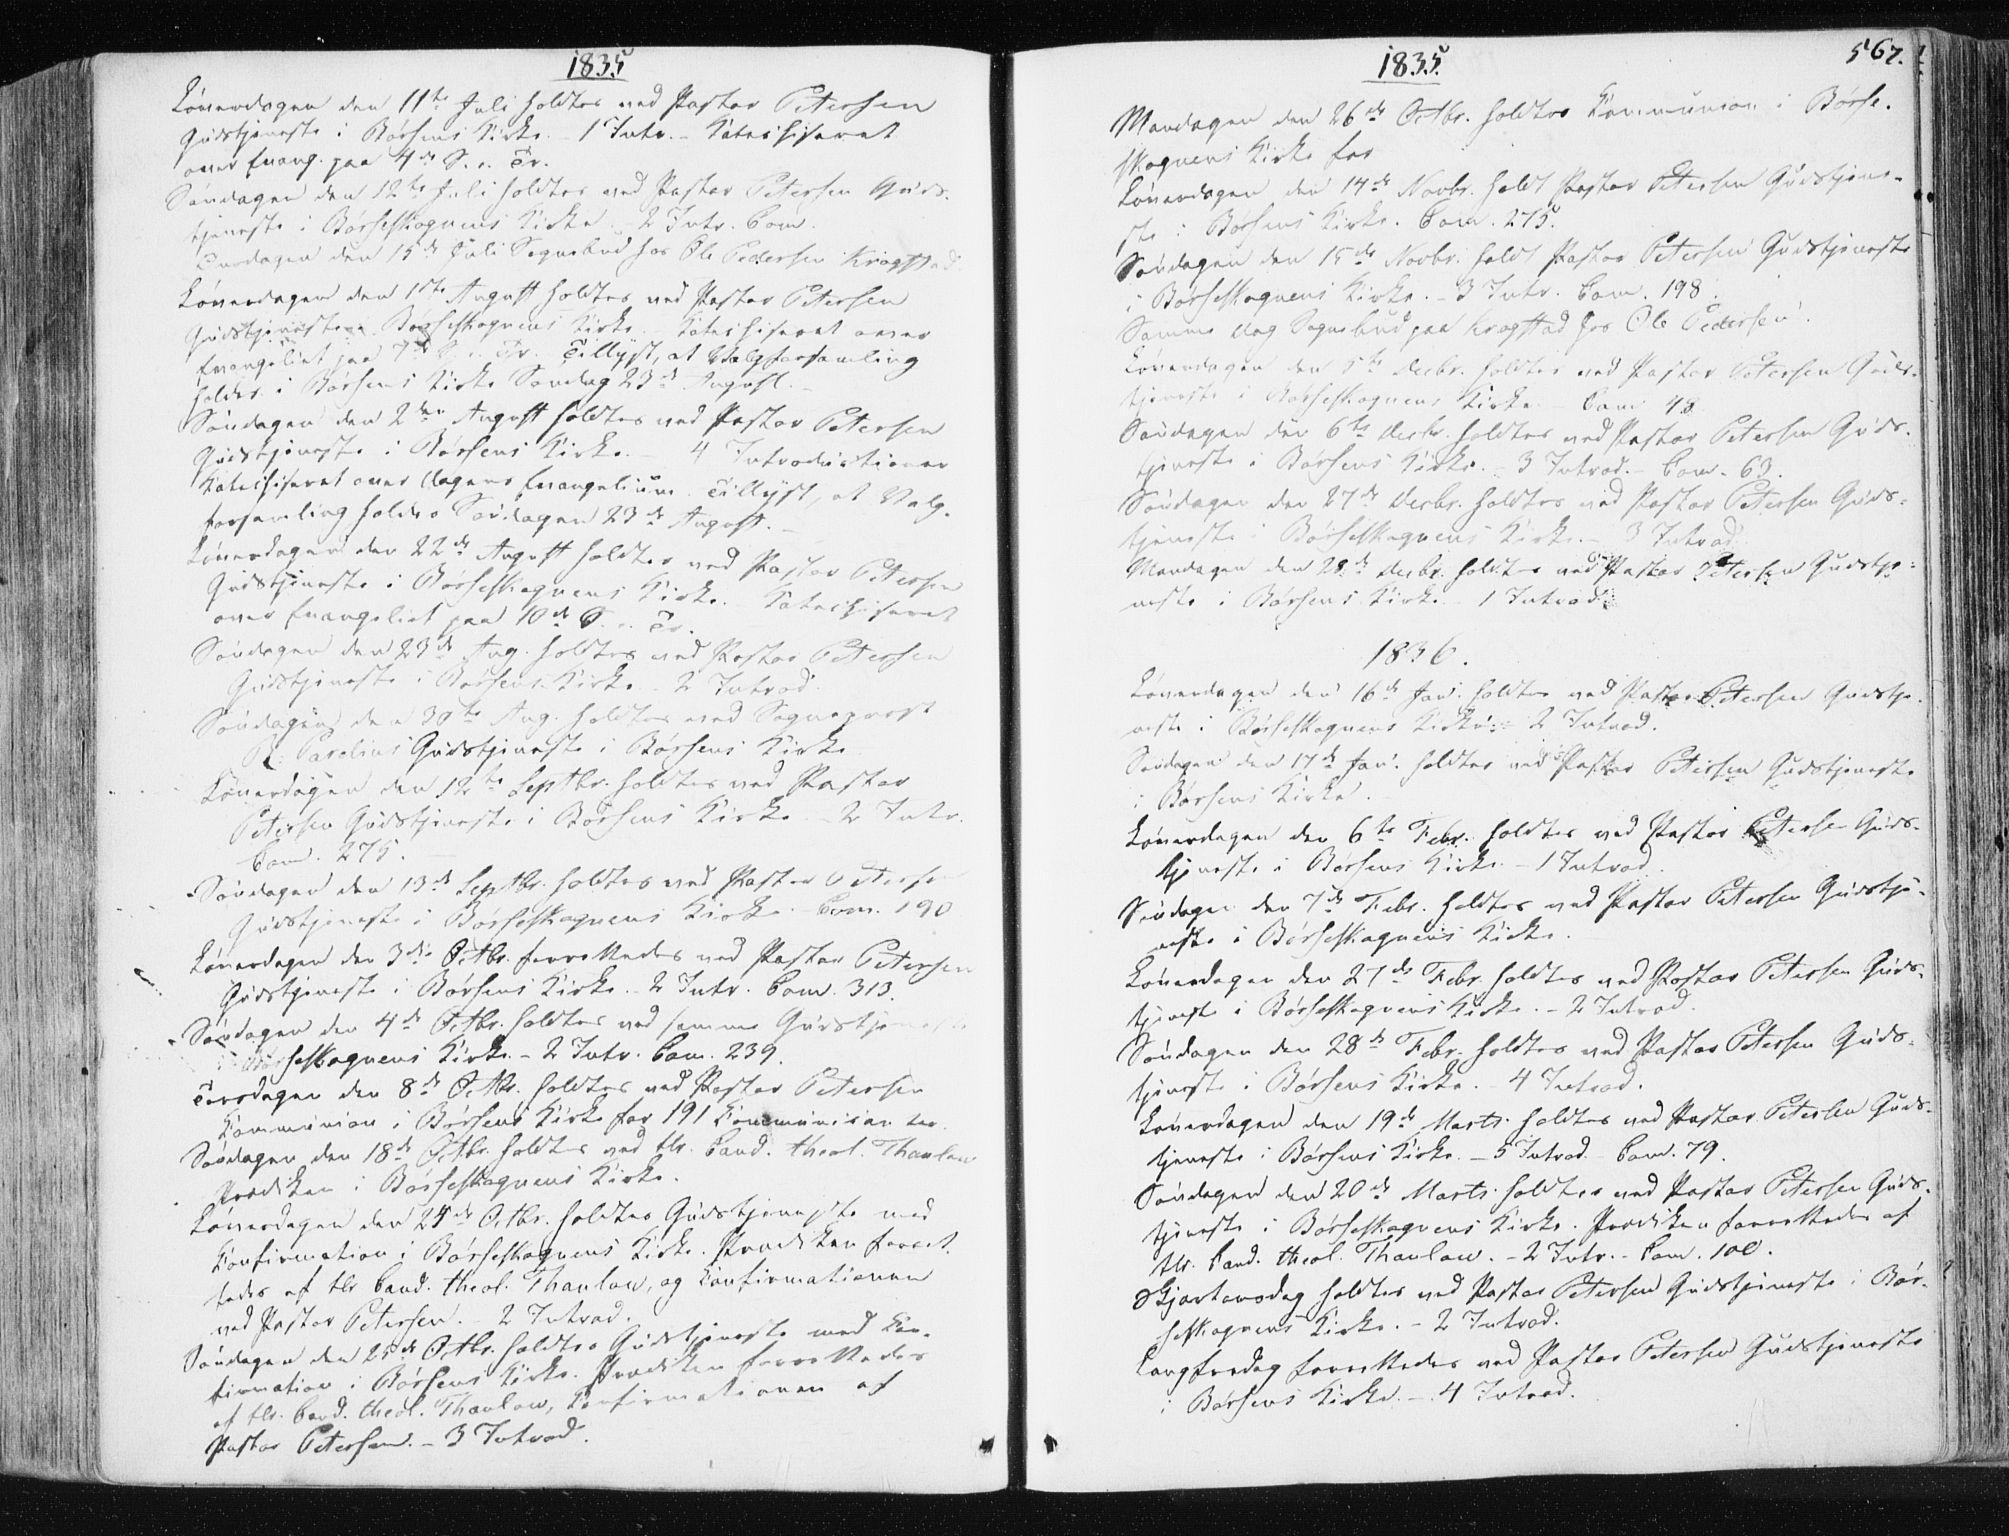 SAT, Ministerialprotokoller, klokkerbøker og fødselsregistre - Sør-Trøndelag, 665/L0771: Ministerialbok nr. 665A06, 1830-1856, s. 567